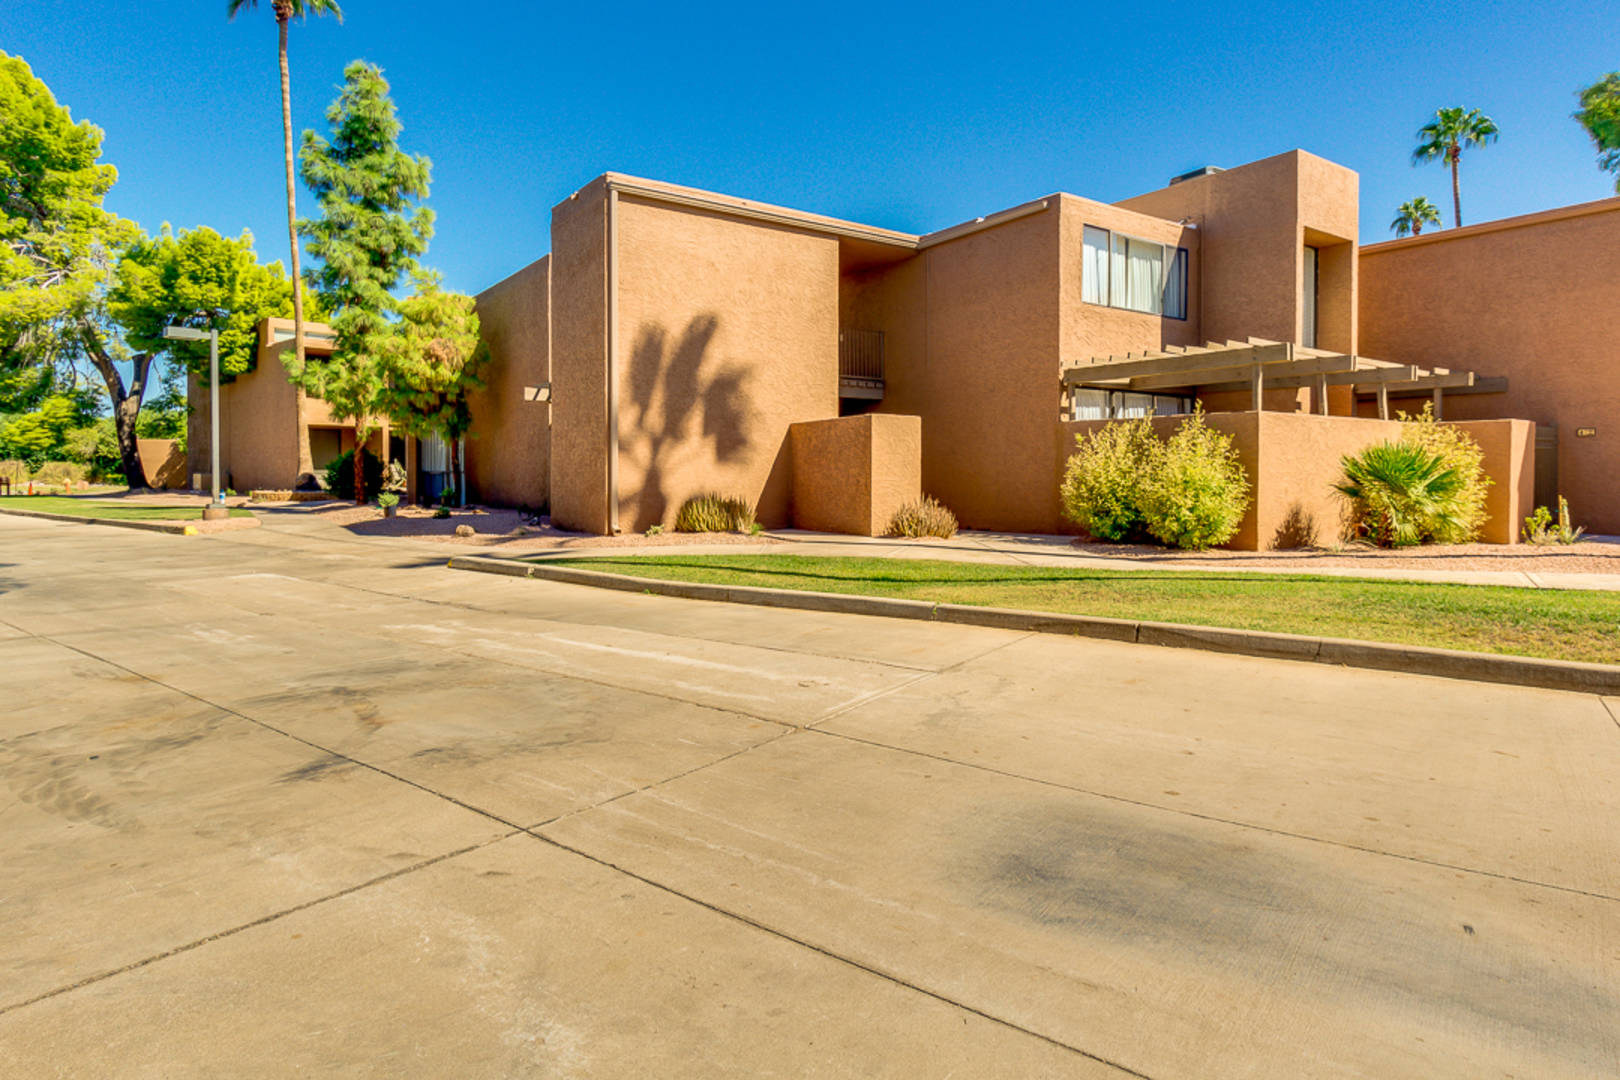 7401 N Scottsdale Rd Unit 41 Paradise Valley, AZ 85253